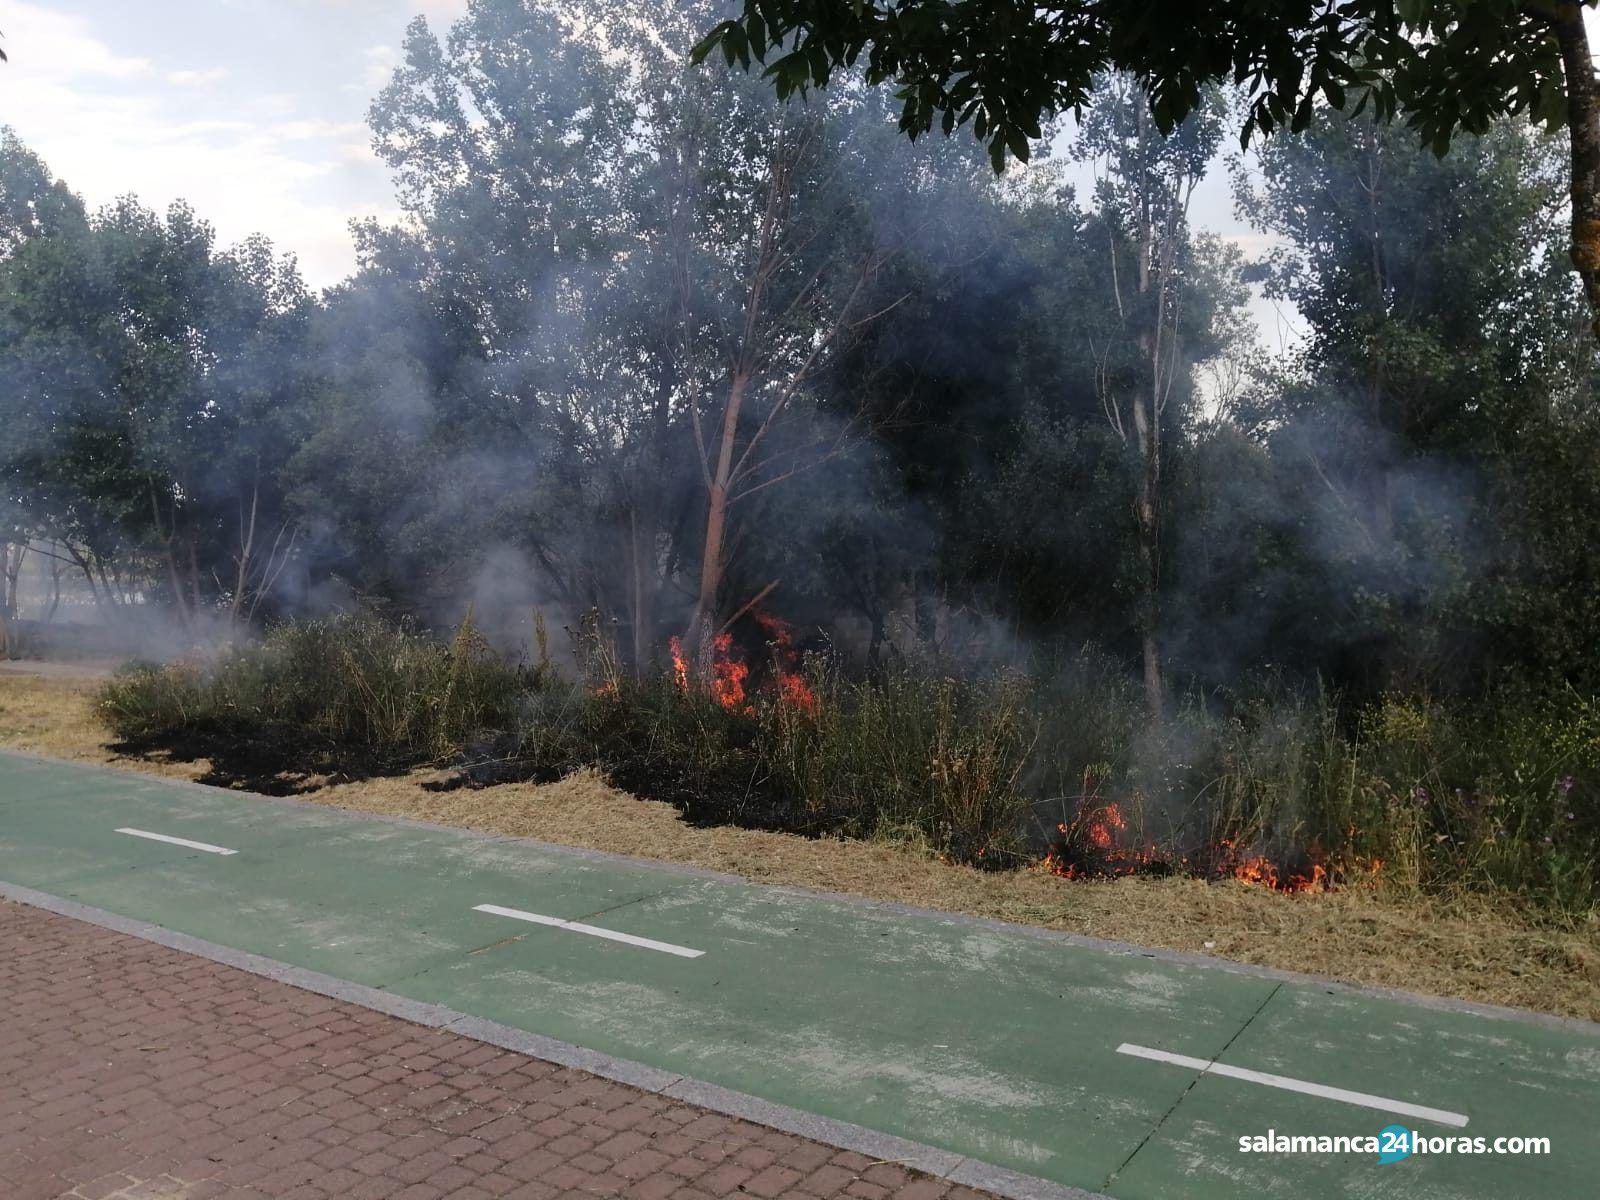 Incendio en el paseo fluvial en la tarde de este viernes, 28 de mayo (12)